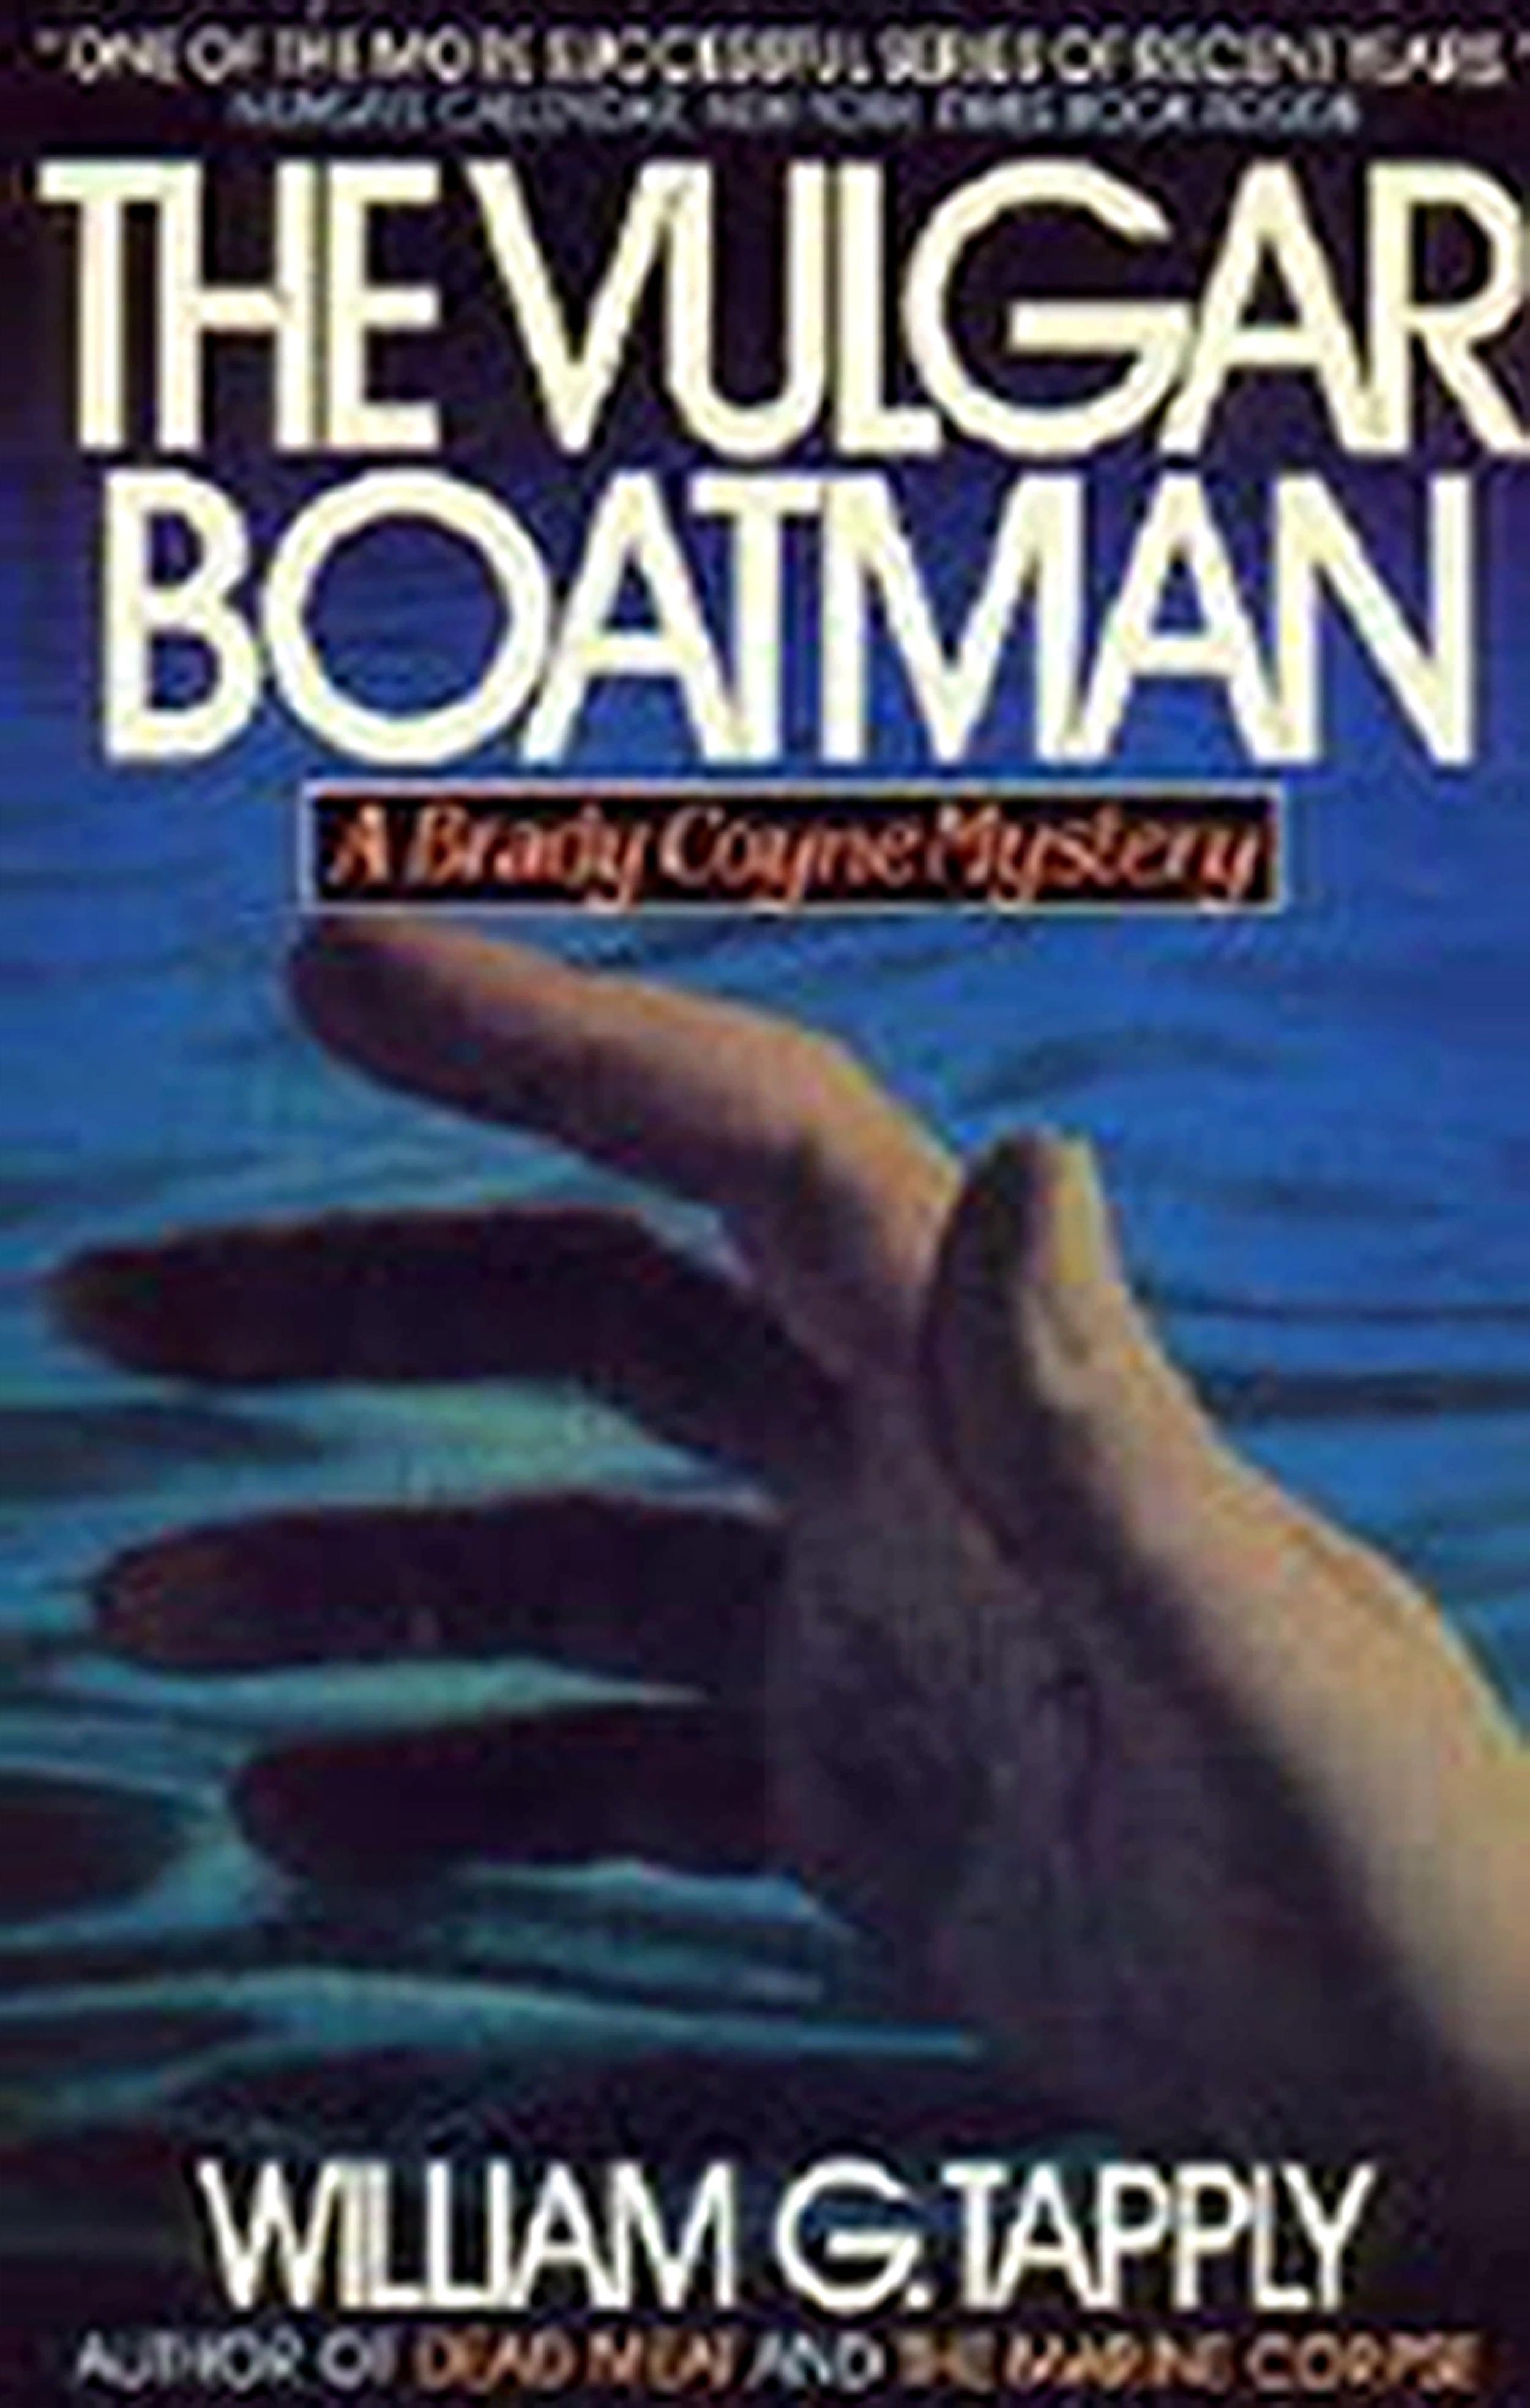 Tapply, mystery, novel, Vulgar Boatman, suspense, thriller